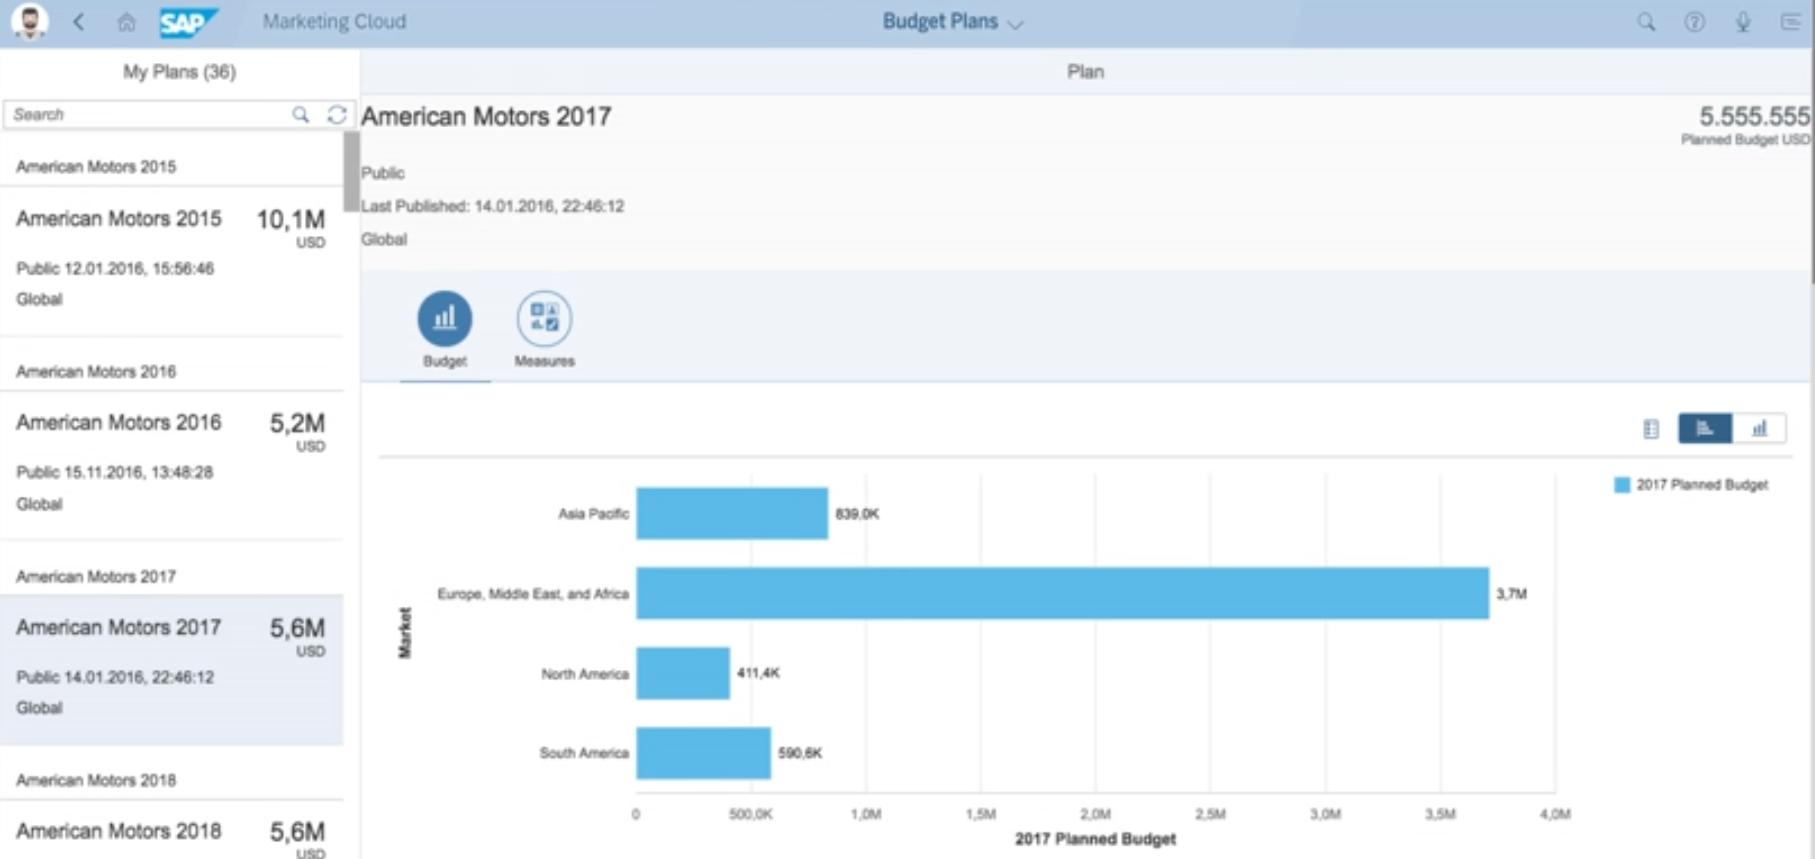 SAP Marketing Cloud budget plans